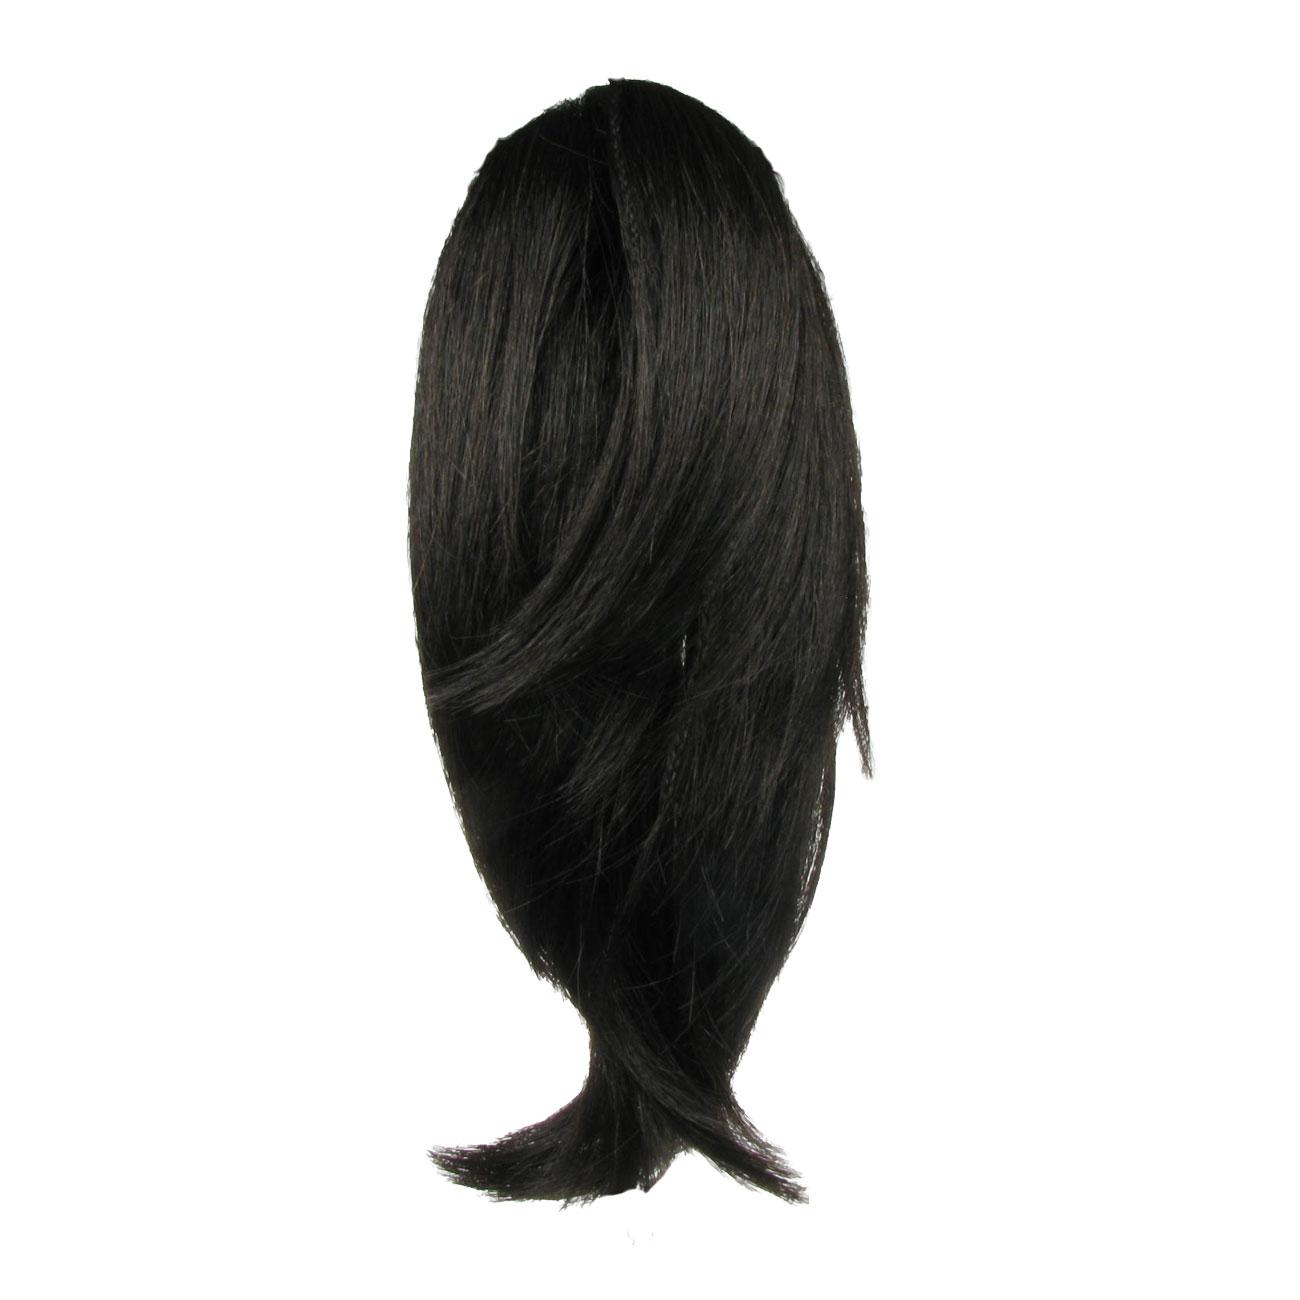 Brown Hair clipart black hair wig Wig Hair hair Brown Clipart